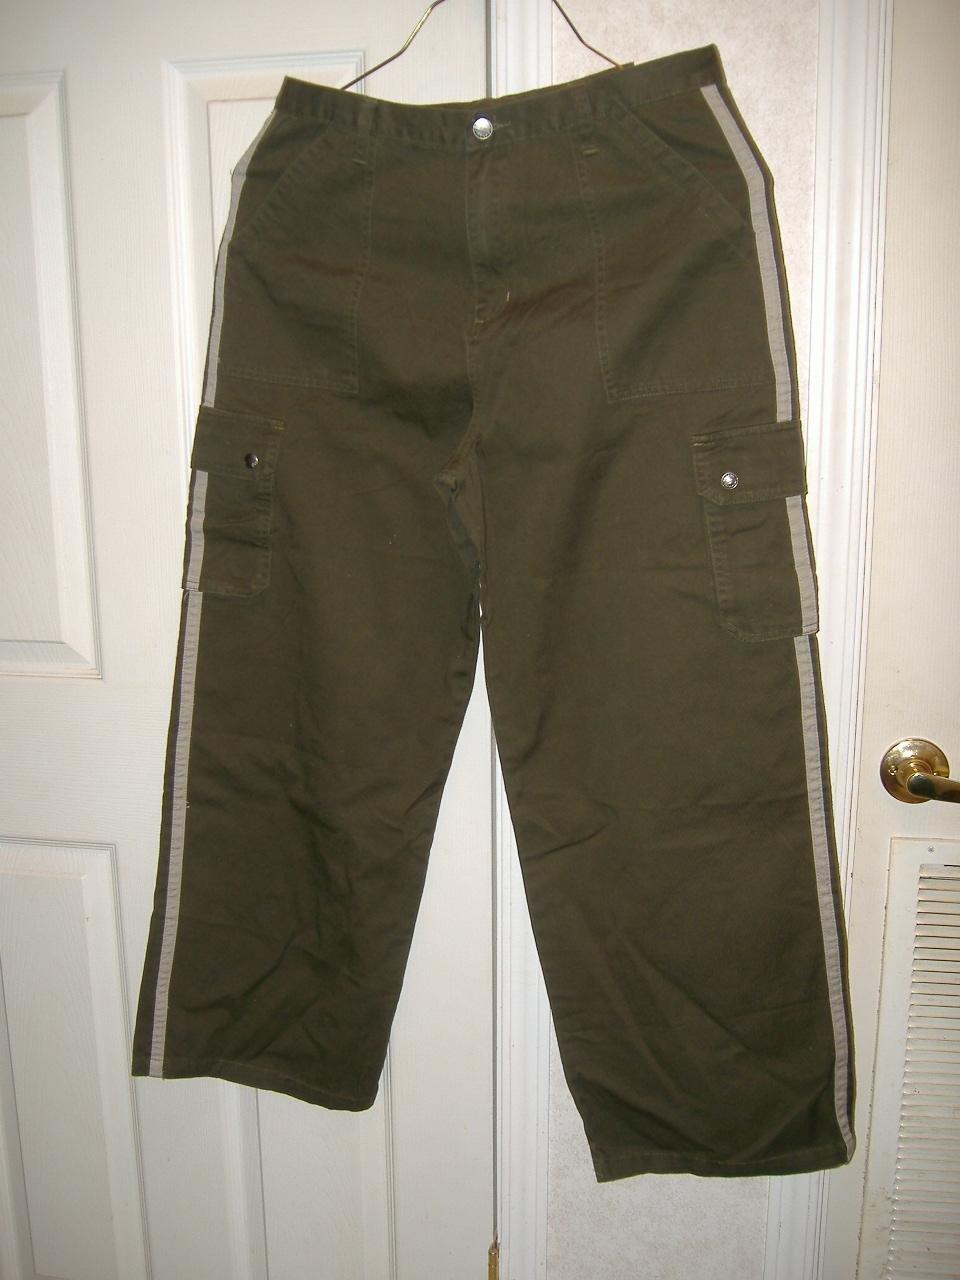 Woman Pants By Arizona Jeans Co.    Size 18 1/2